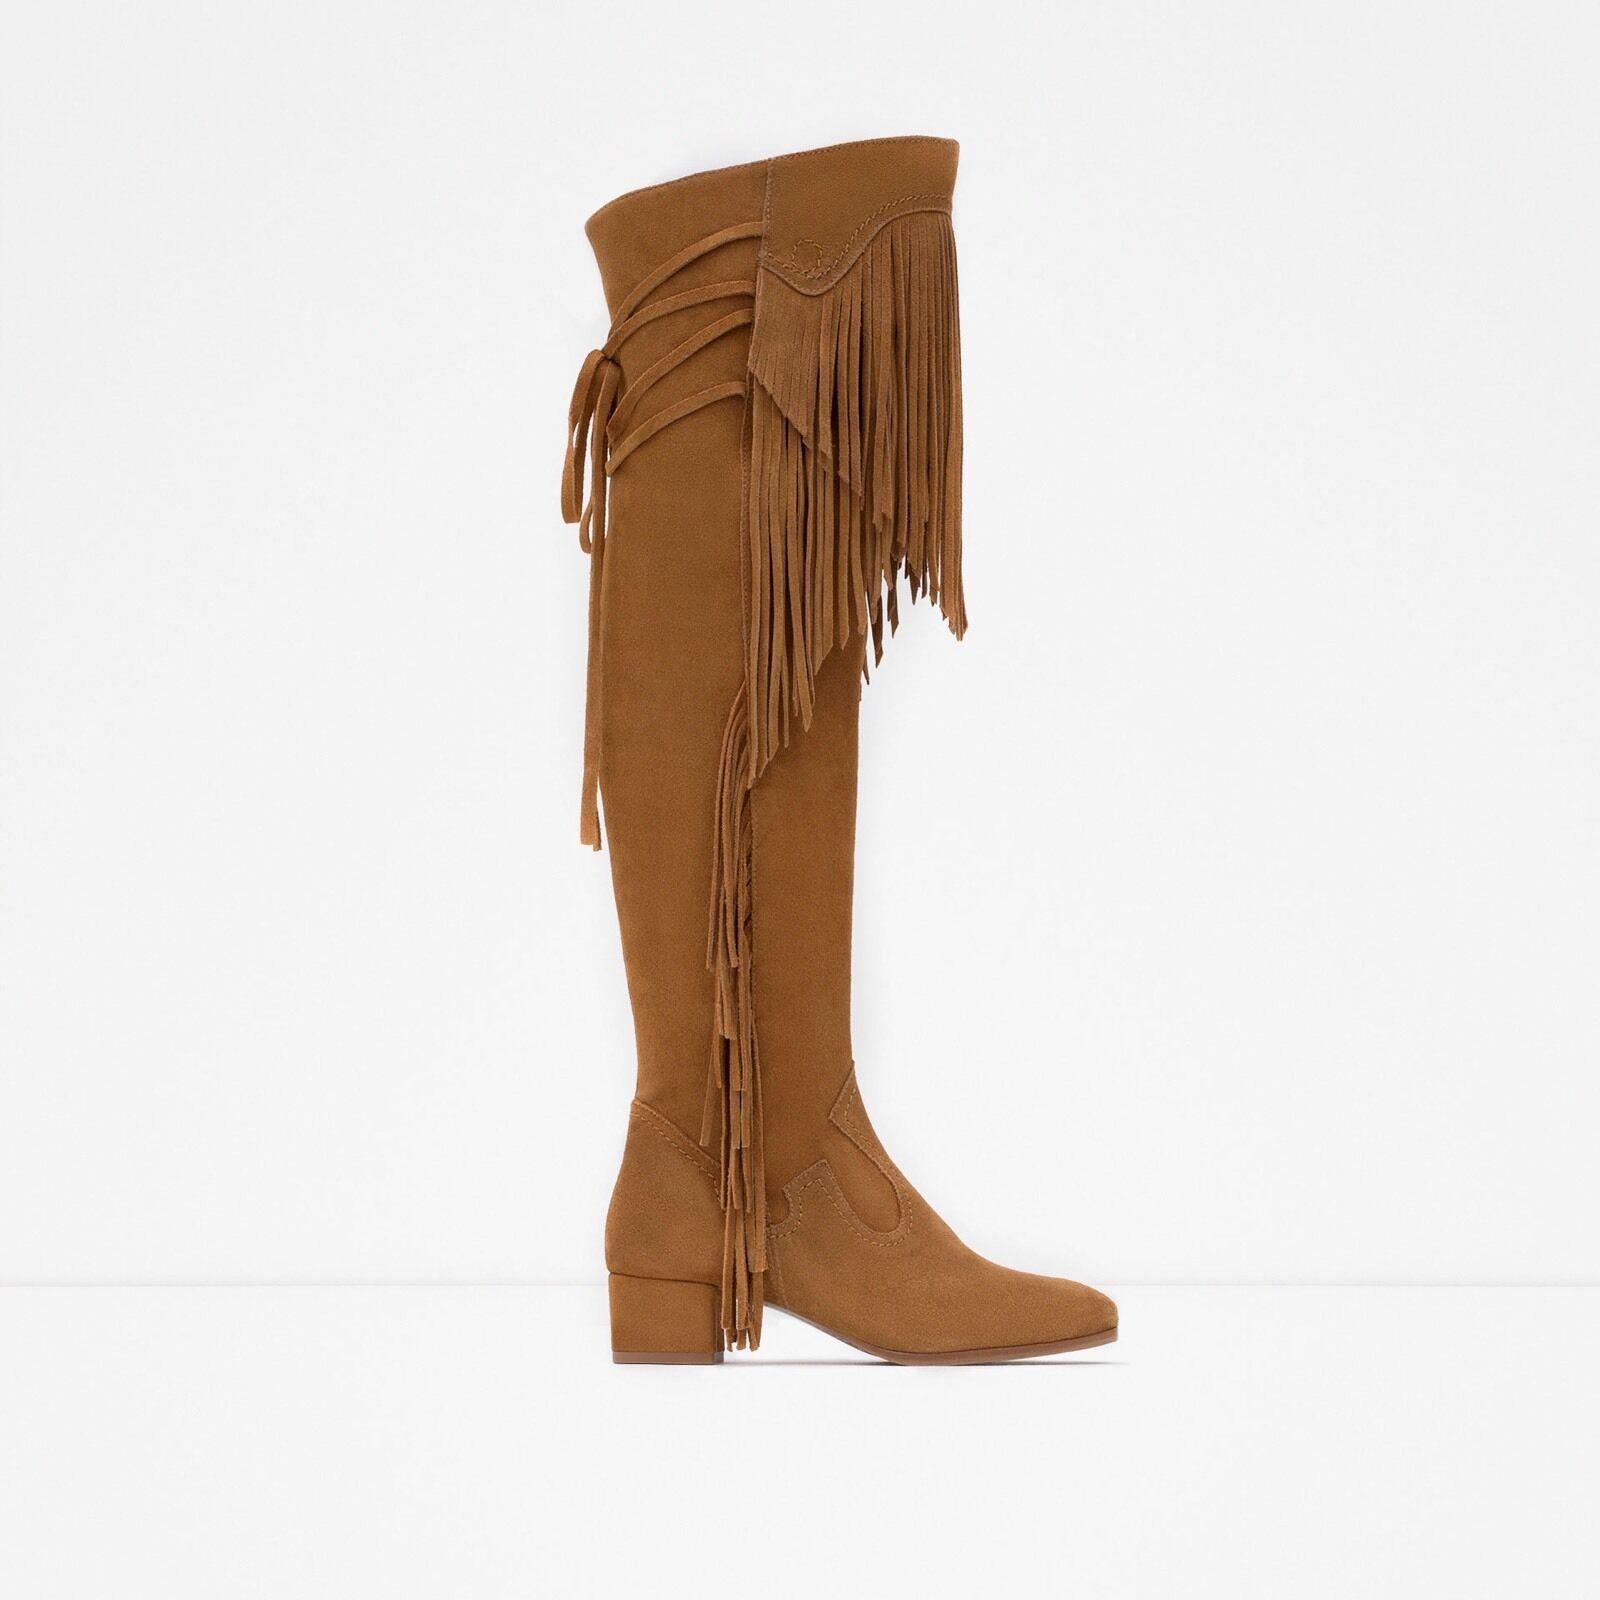 Zara Leder Stiefel With Fringe 6.5 Größe 6.5 Fringe 40aa79